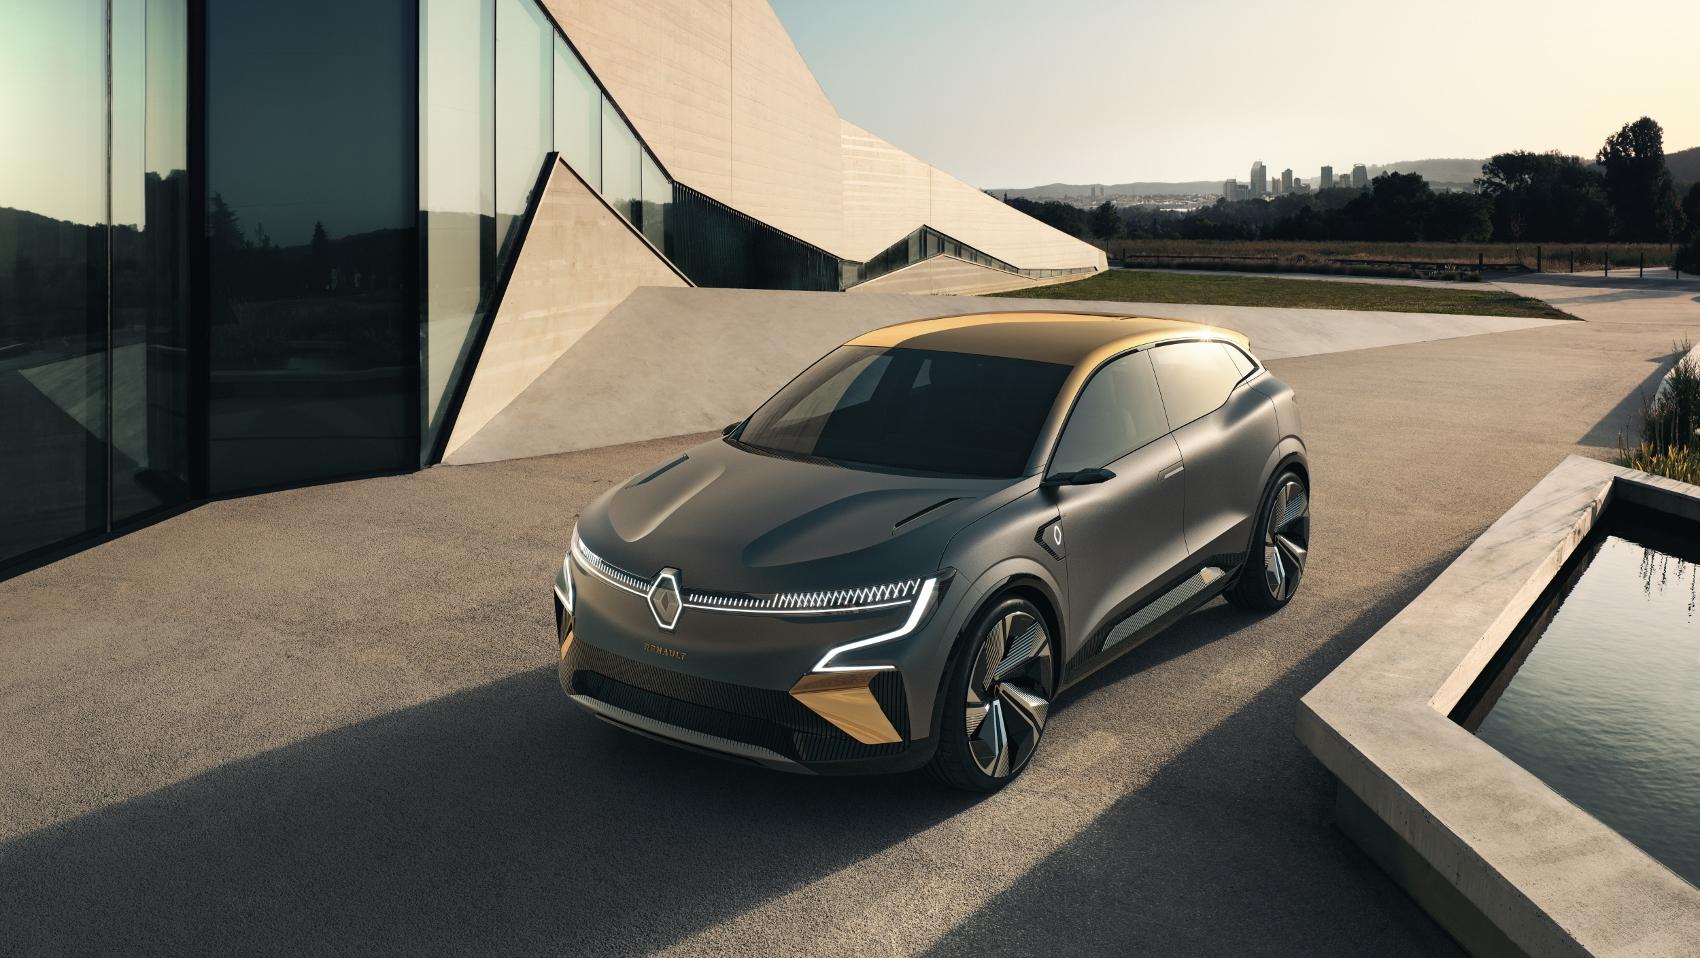 Renault ukázal elektrický koncept Megane. Na tradičný Megane sa nepodobá eH0kNIoxiY 2020-mgane-evisi